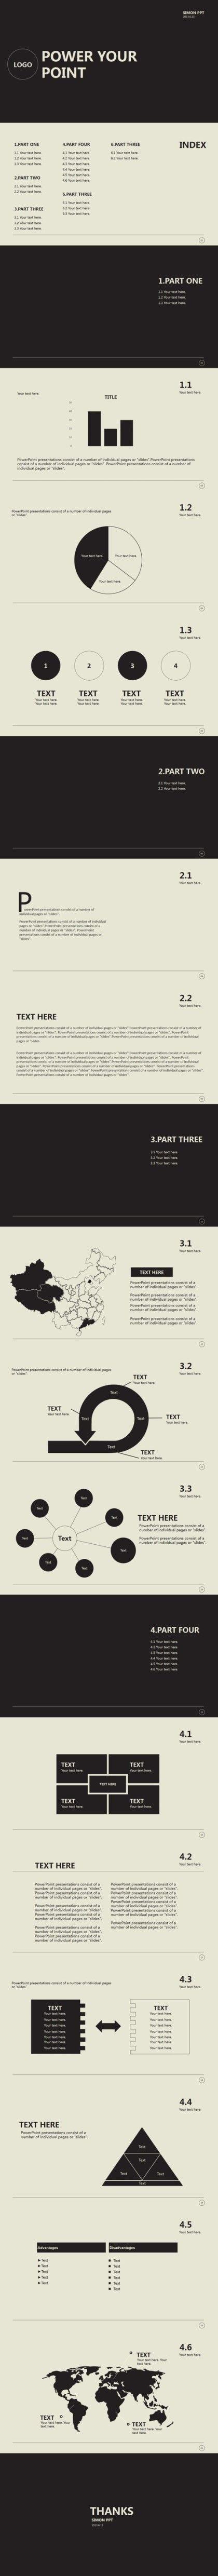 PPT 디자인 레이아웃 - 발표용 피피티 센스있게 만들어보자! : 네이버 블로그